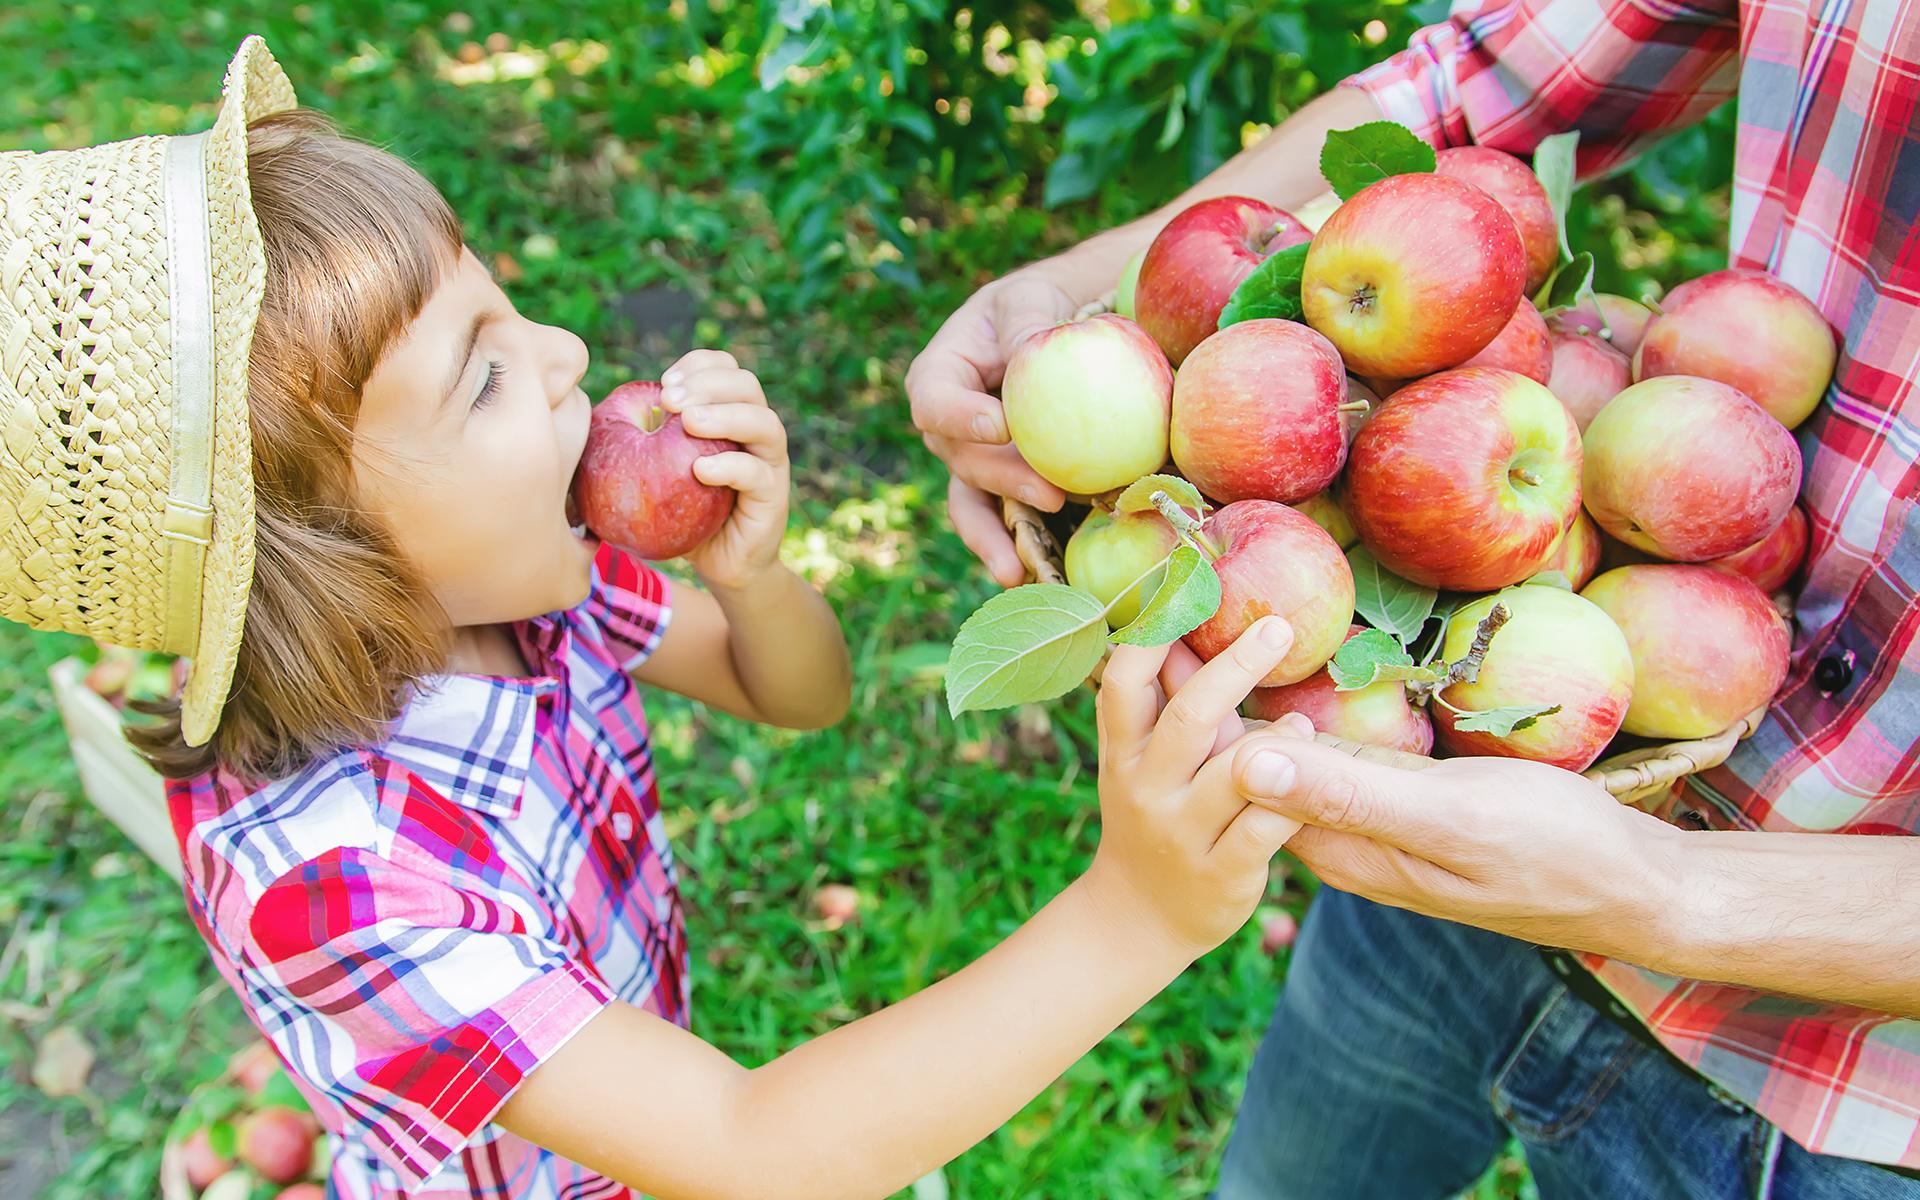 Proteja as suas crianças – escolha alimentos biológicos